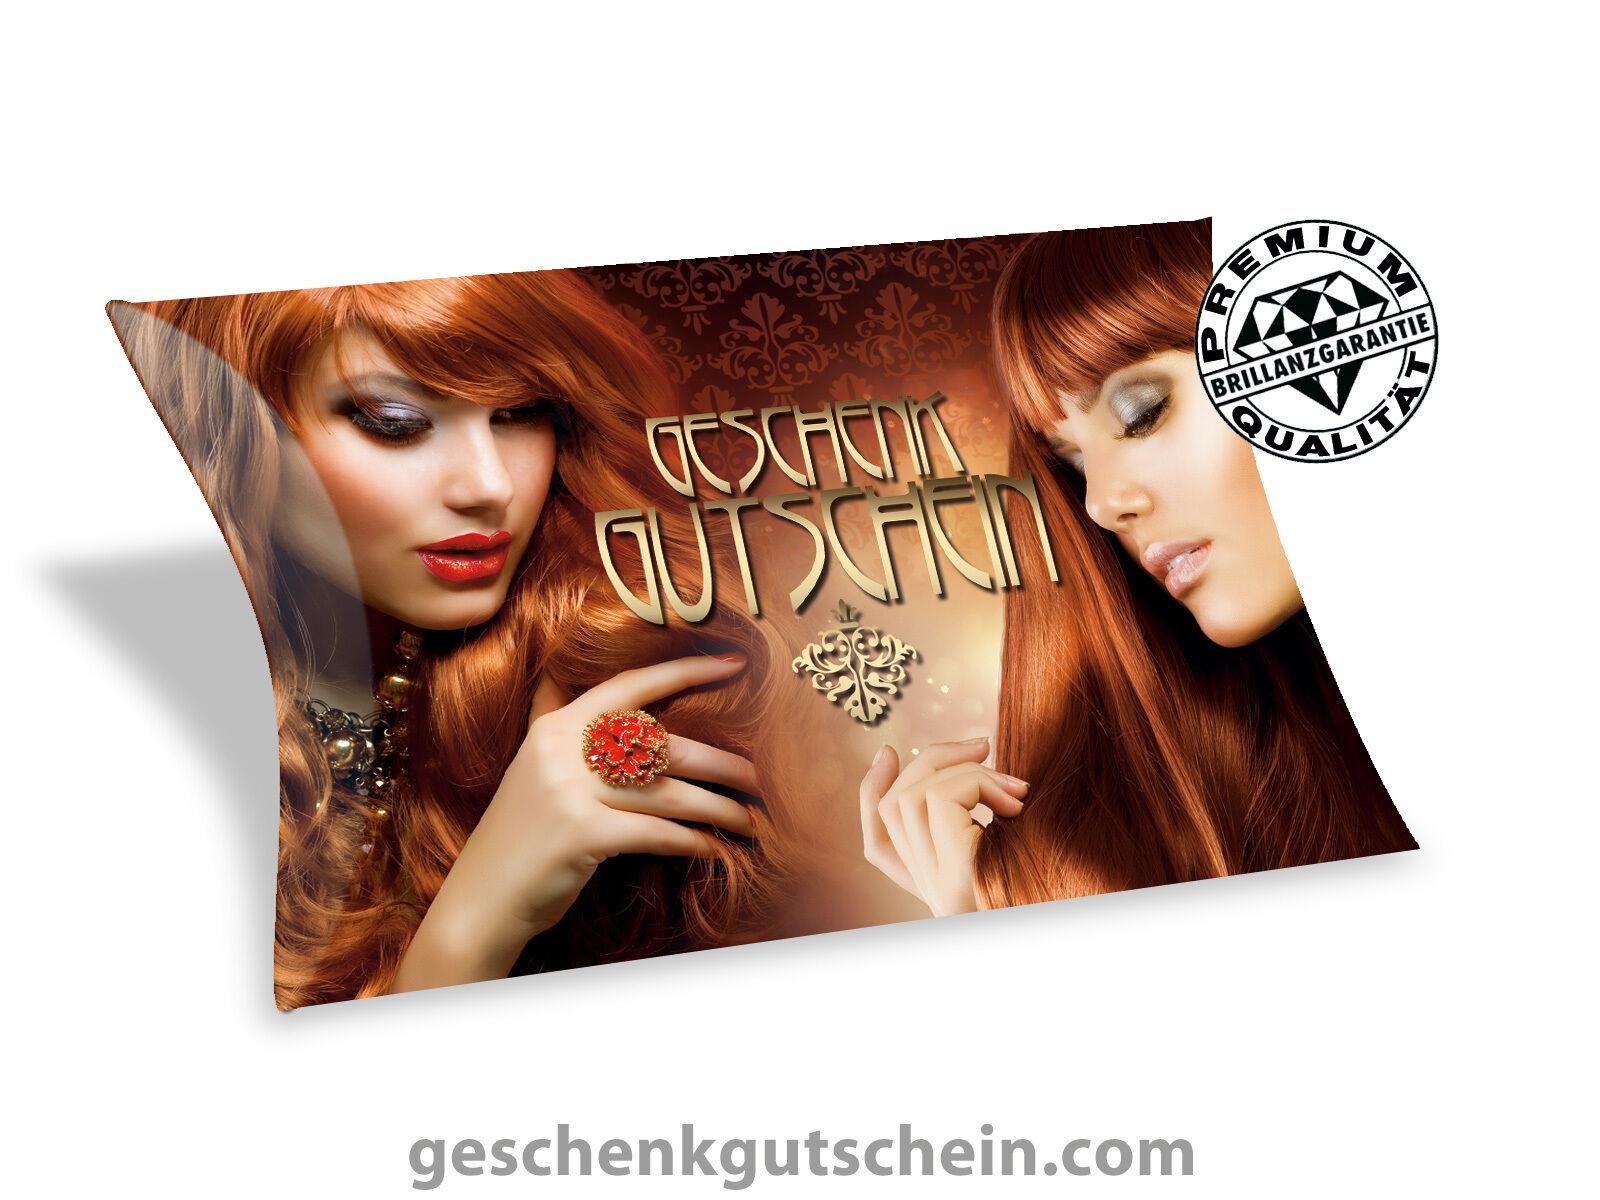 Hochwertige Gutschein Box für Friseure Coiffeure Hairstylisten K351  | Elegantes und robustes Menü  | Up-to-date Styling